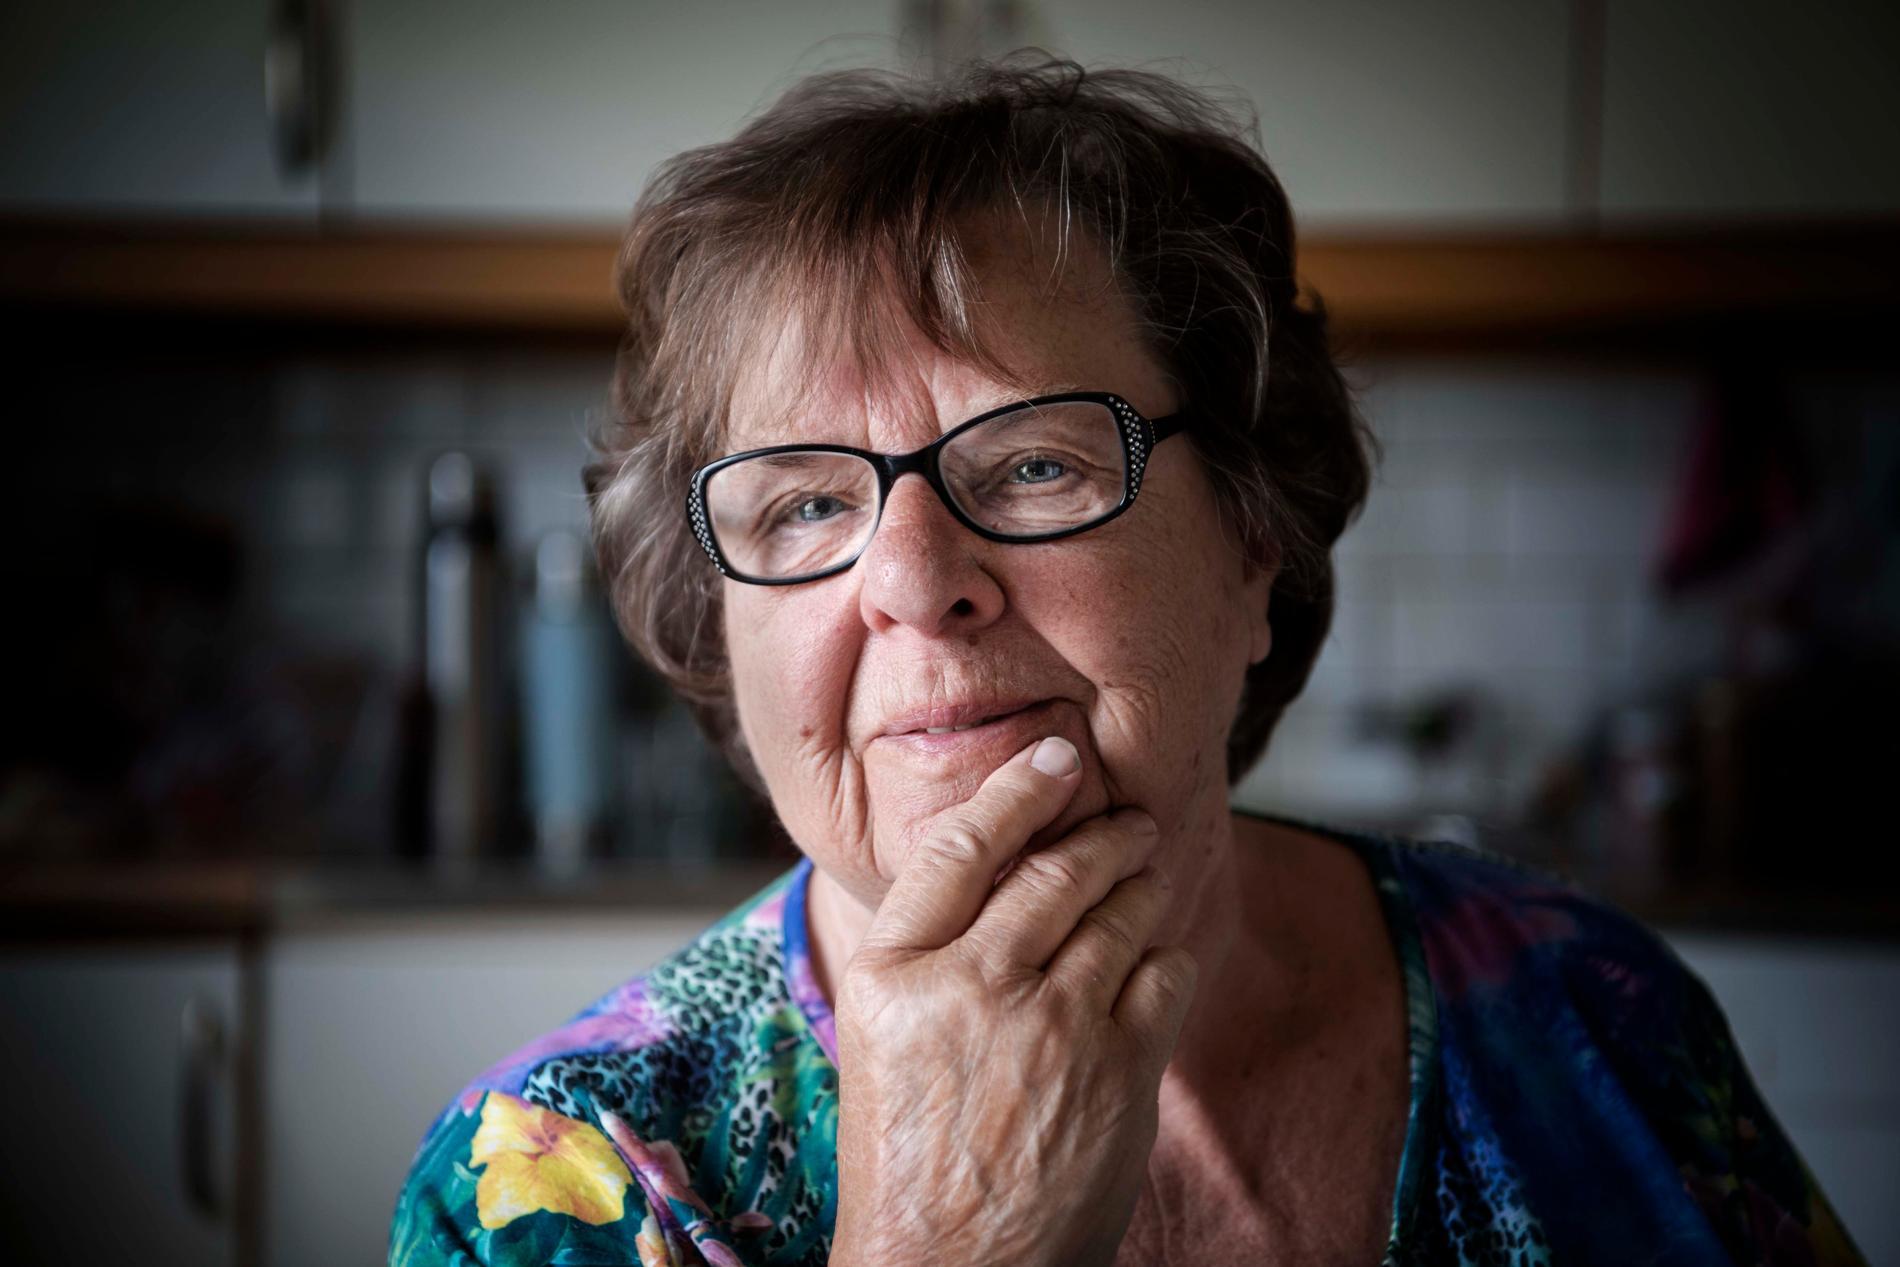 """Siv Lundin, 81, jobbade i vården i 40 år. Hon får totalt 11000 kronor i pension efter skatt. """"När hyran och allt är betalt blir det inte många kronor kvar. Men jag känner många som får ut ännu mindre"""", säger hon."""